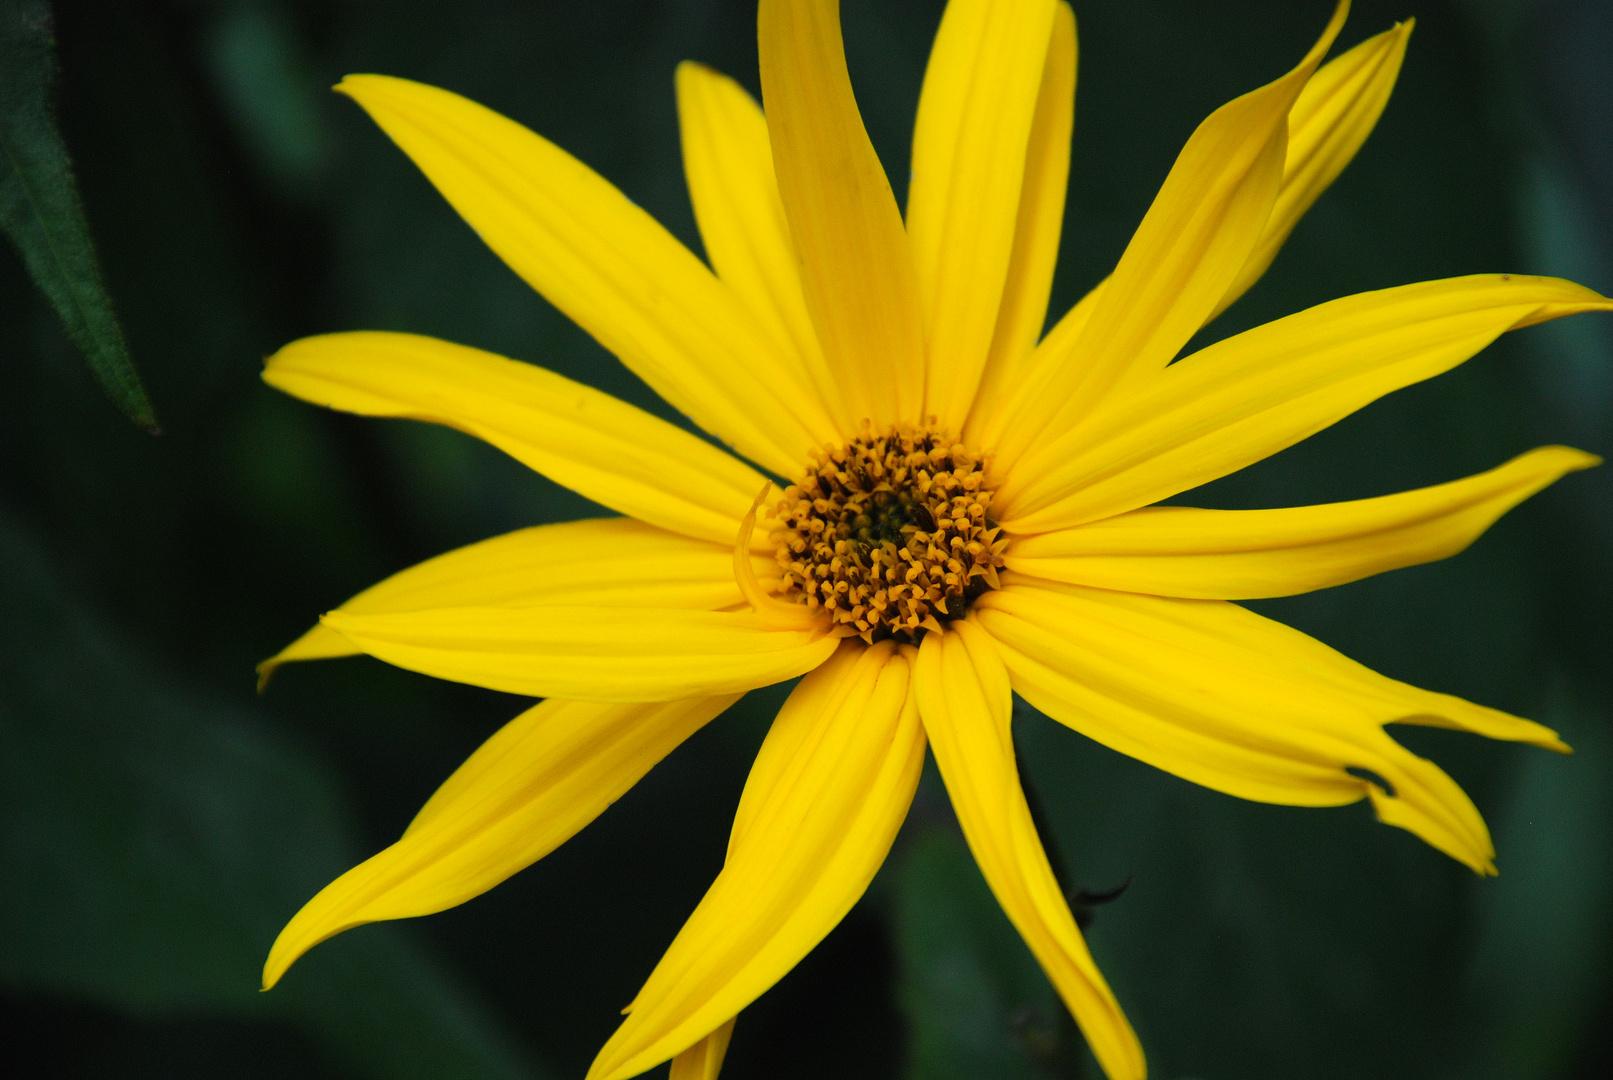 Gelbe Blume. Wie heisst die nochmal?